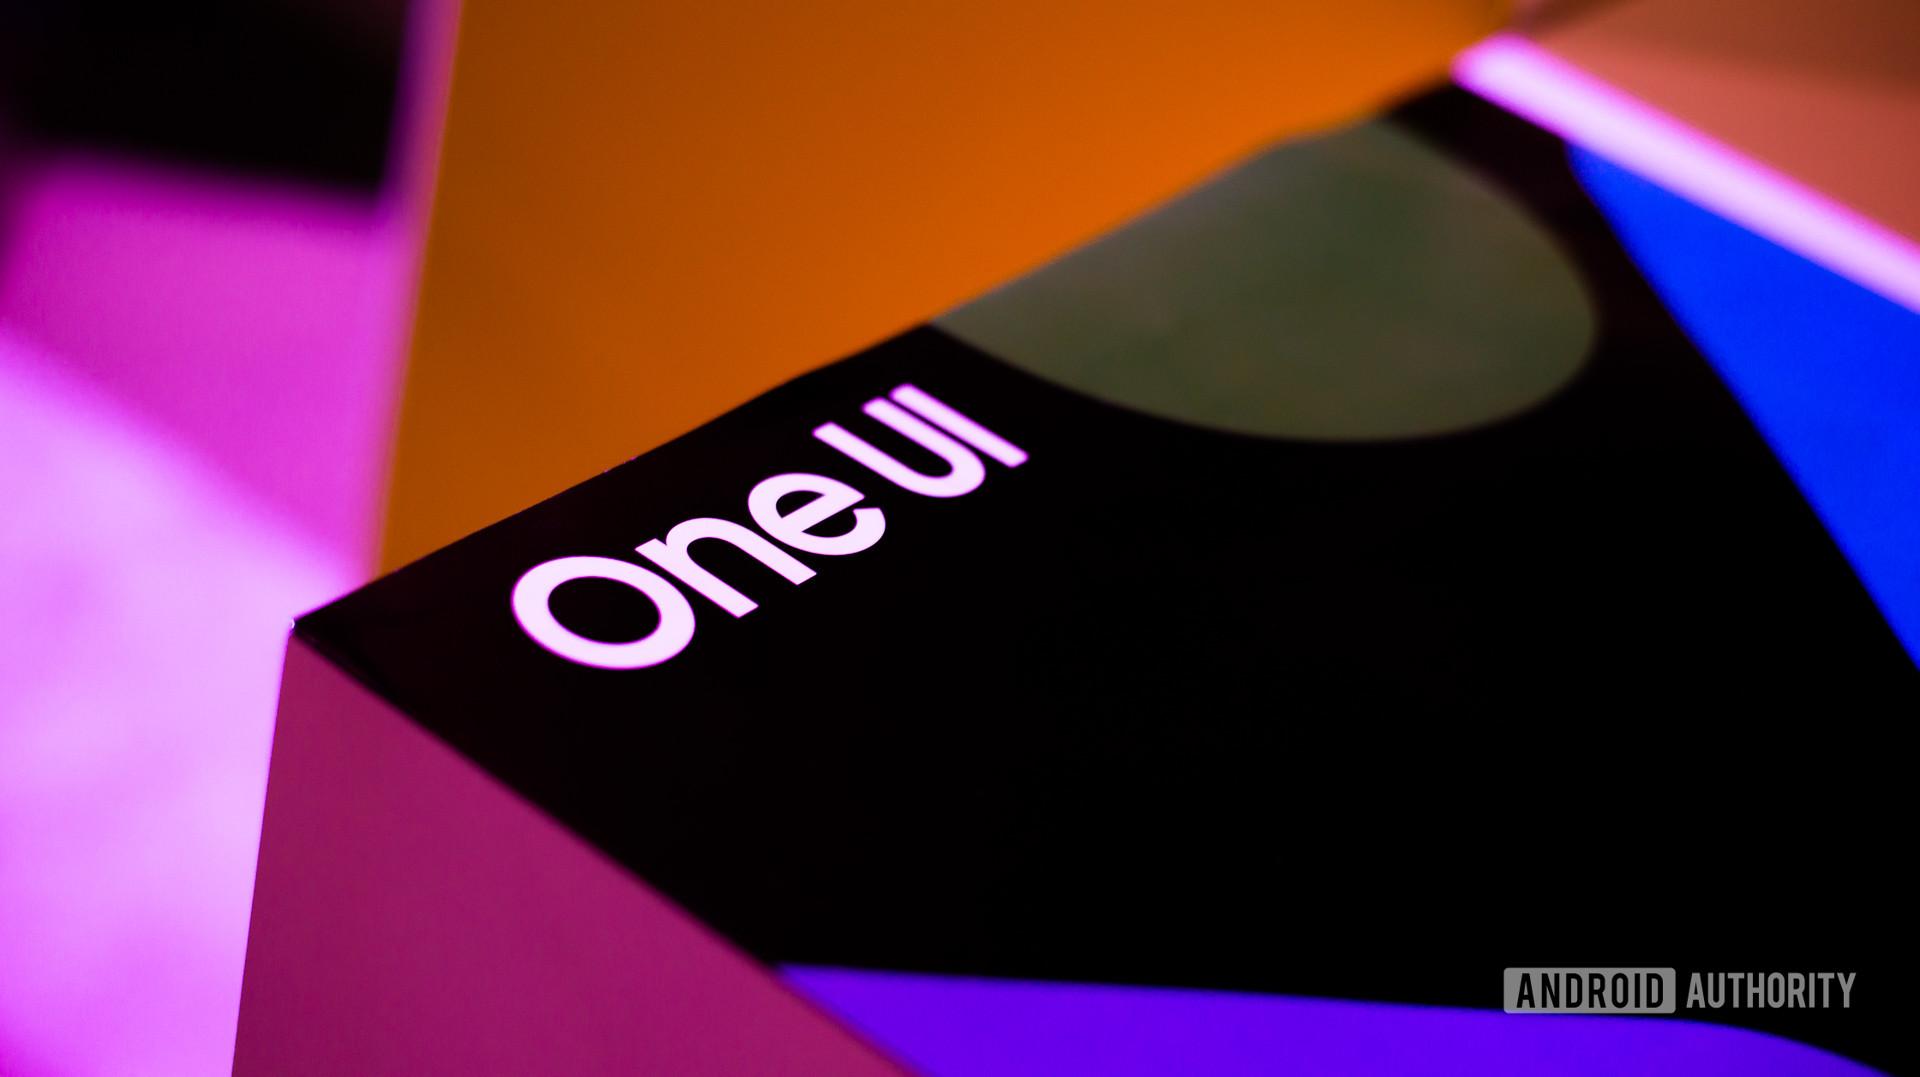 Samsung One UI 2.0 at Samsung Developer Conference 2019 4